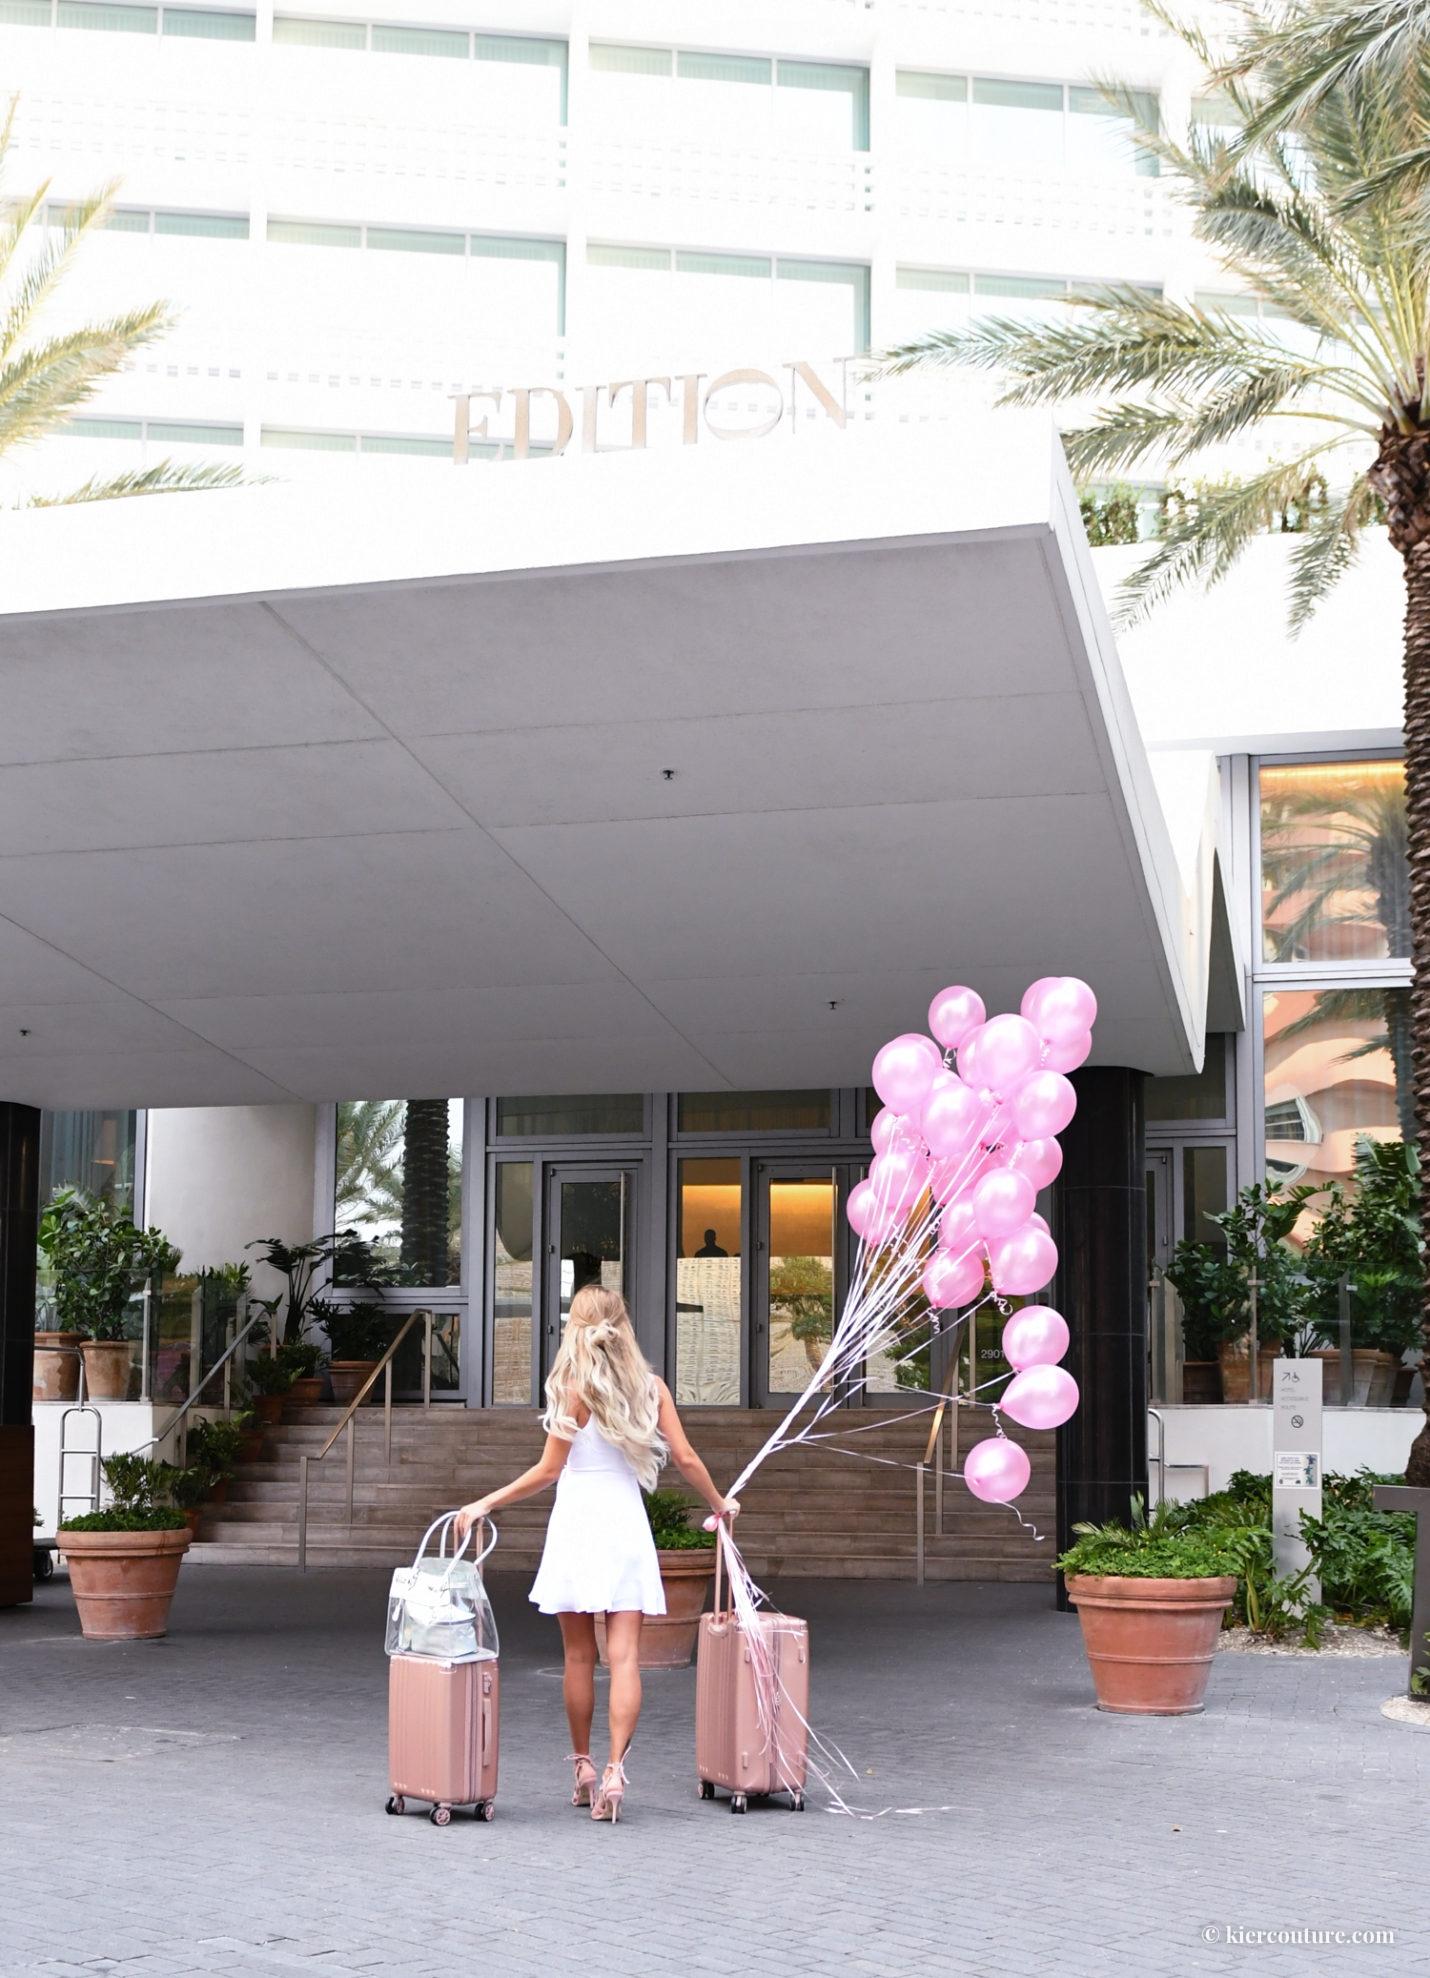 Miami beach edition girl balloons